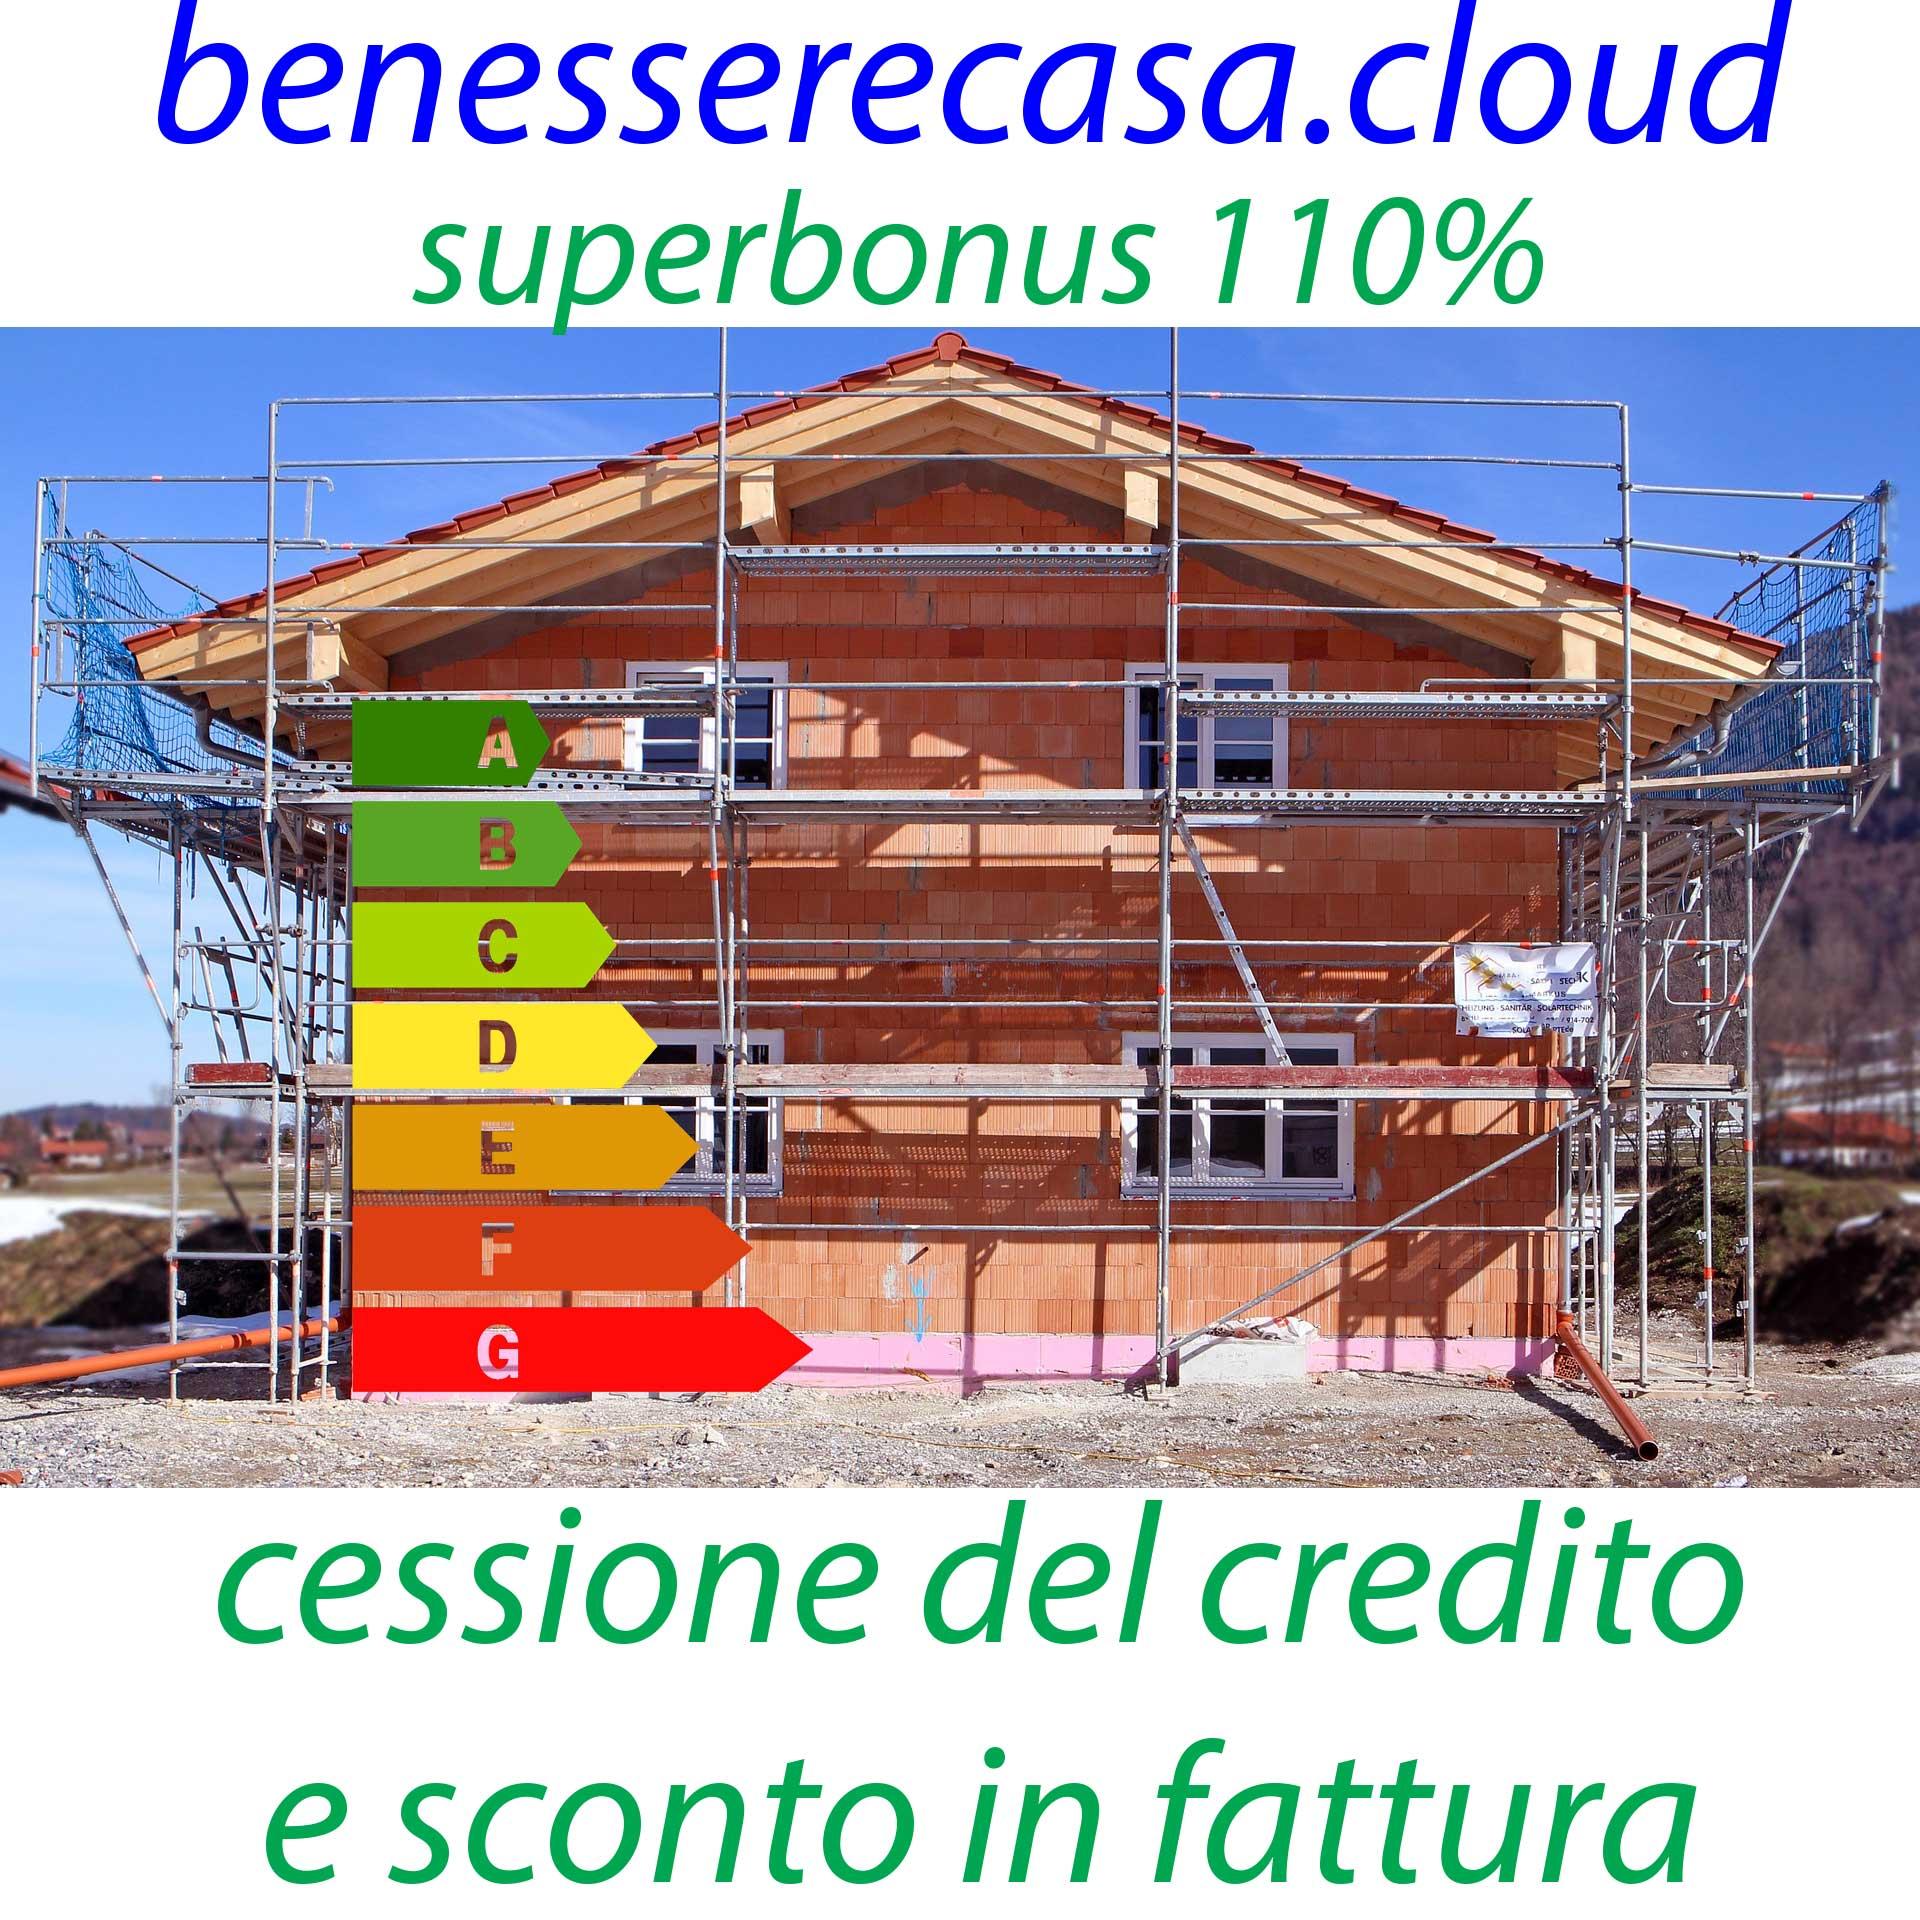 Superbonus 110 Emilia Romagna